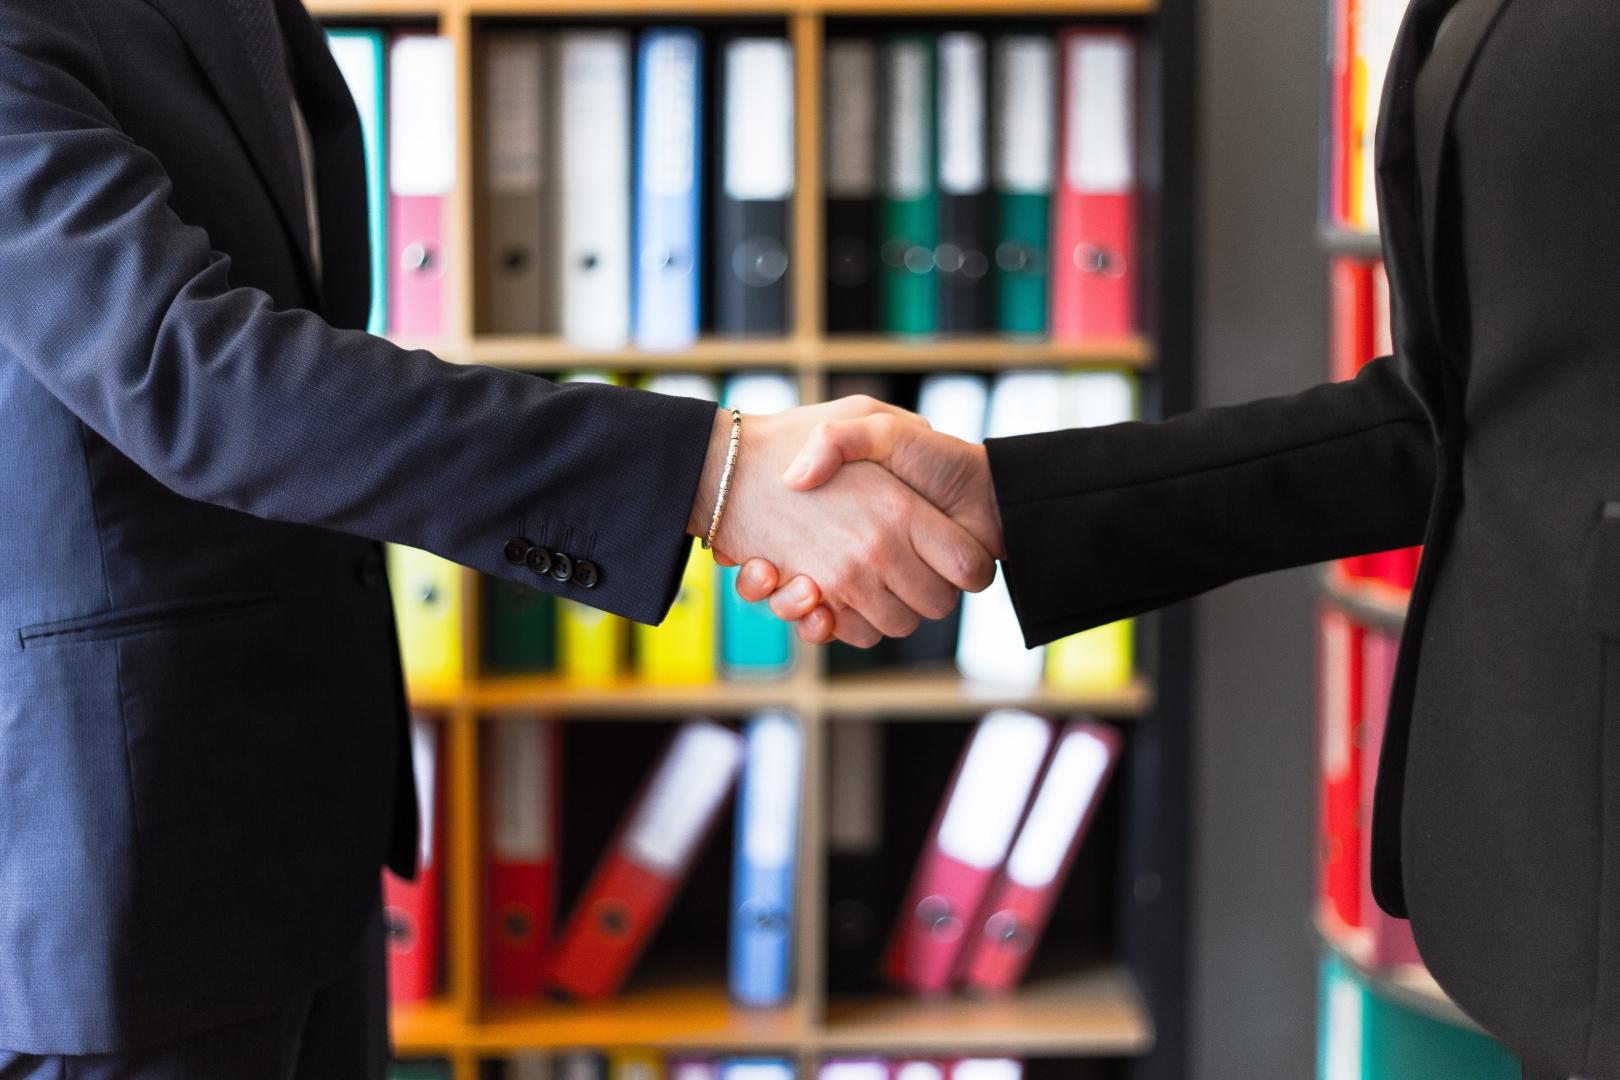 Co-criação e gestão de fornecedores: desafie os seus parceiros de negócios a criarem soluções coerentes com as suas necessidades